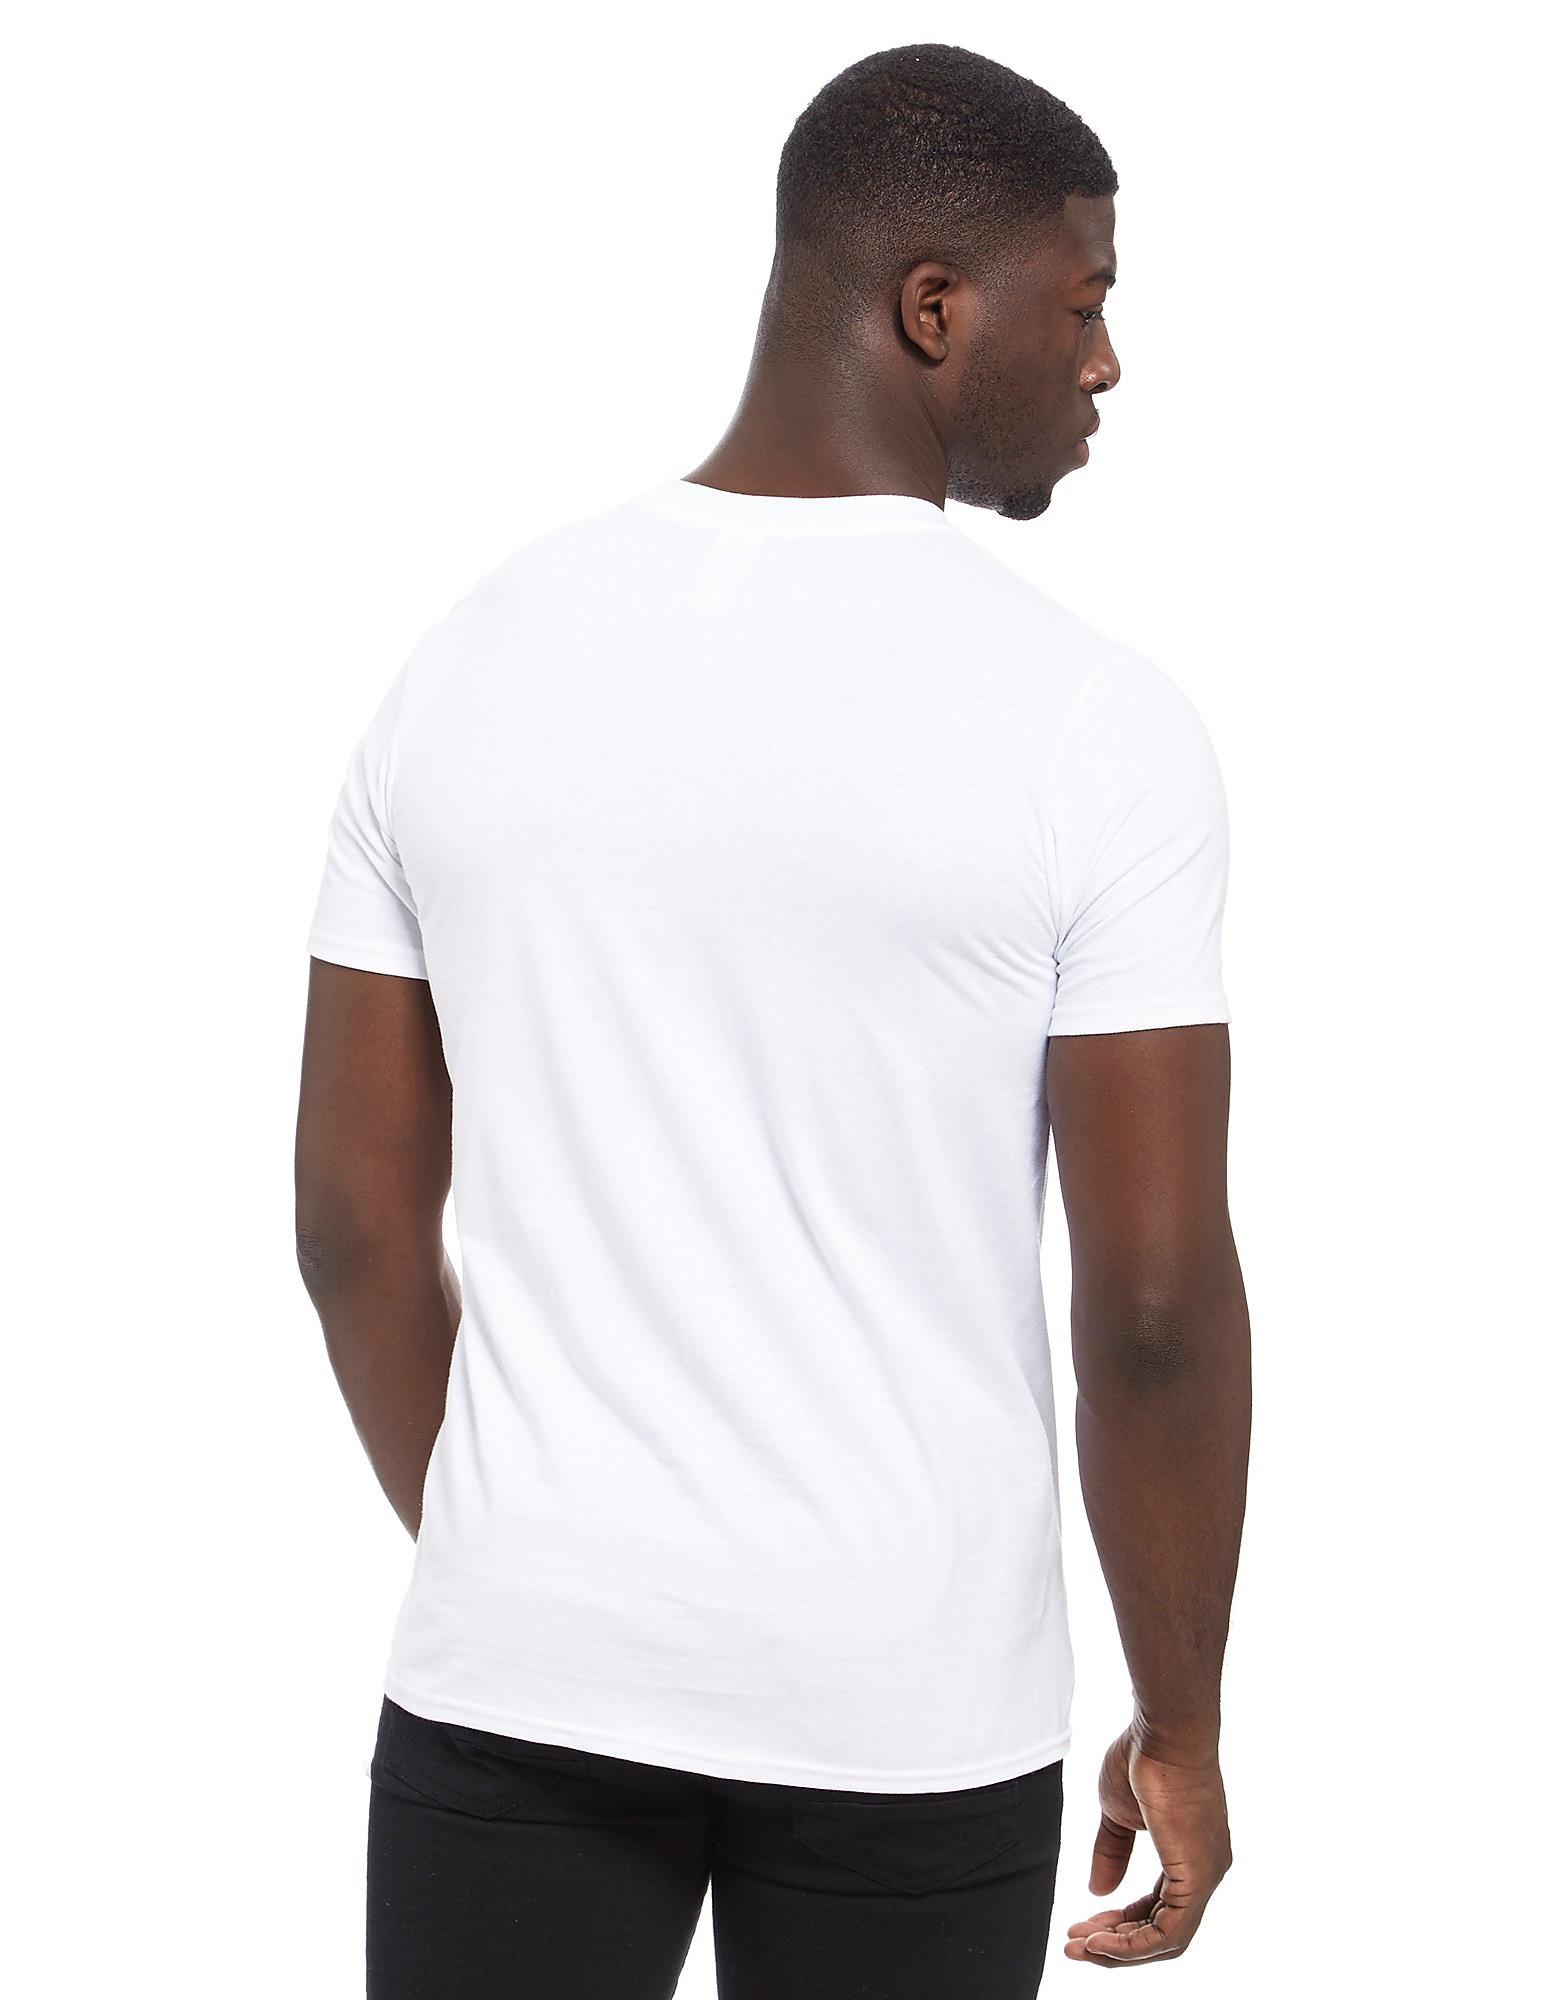 Official Team Dublin Crest T-Shirt